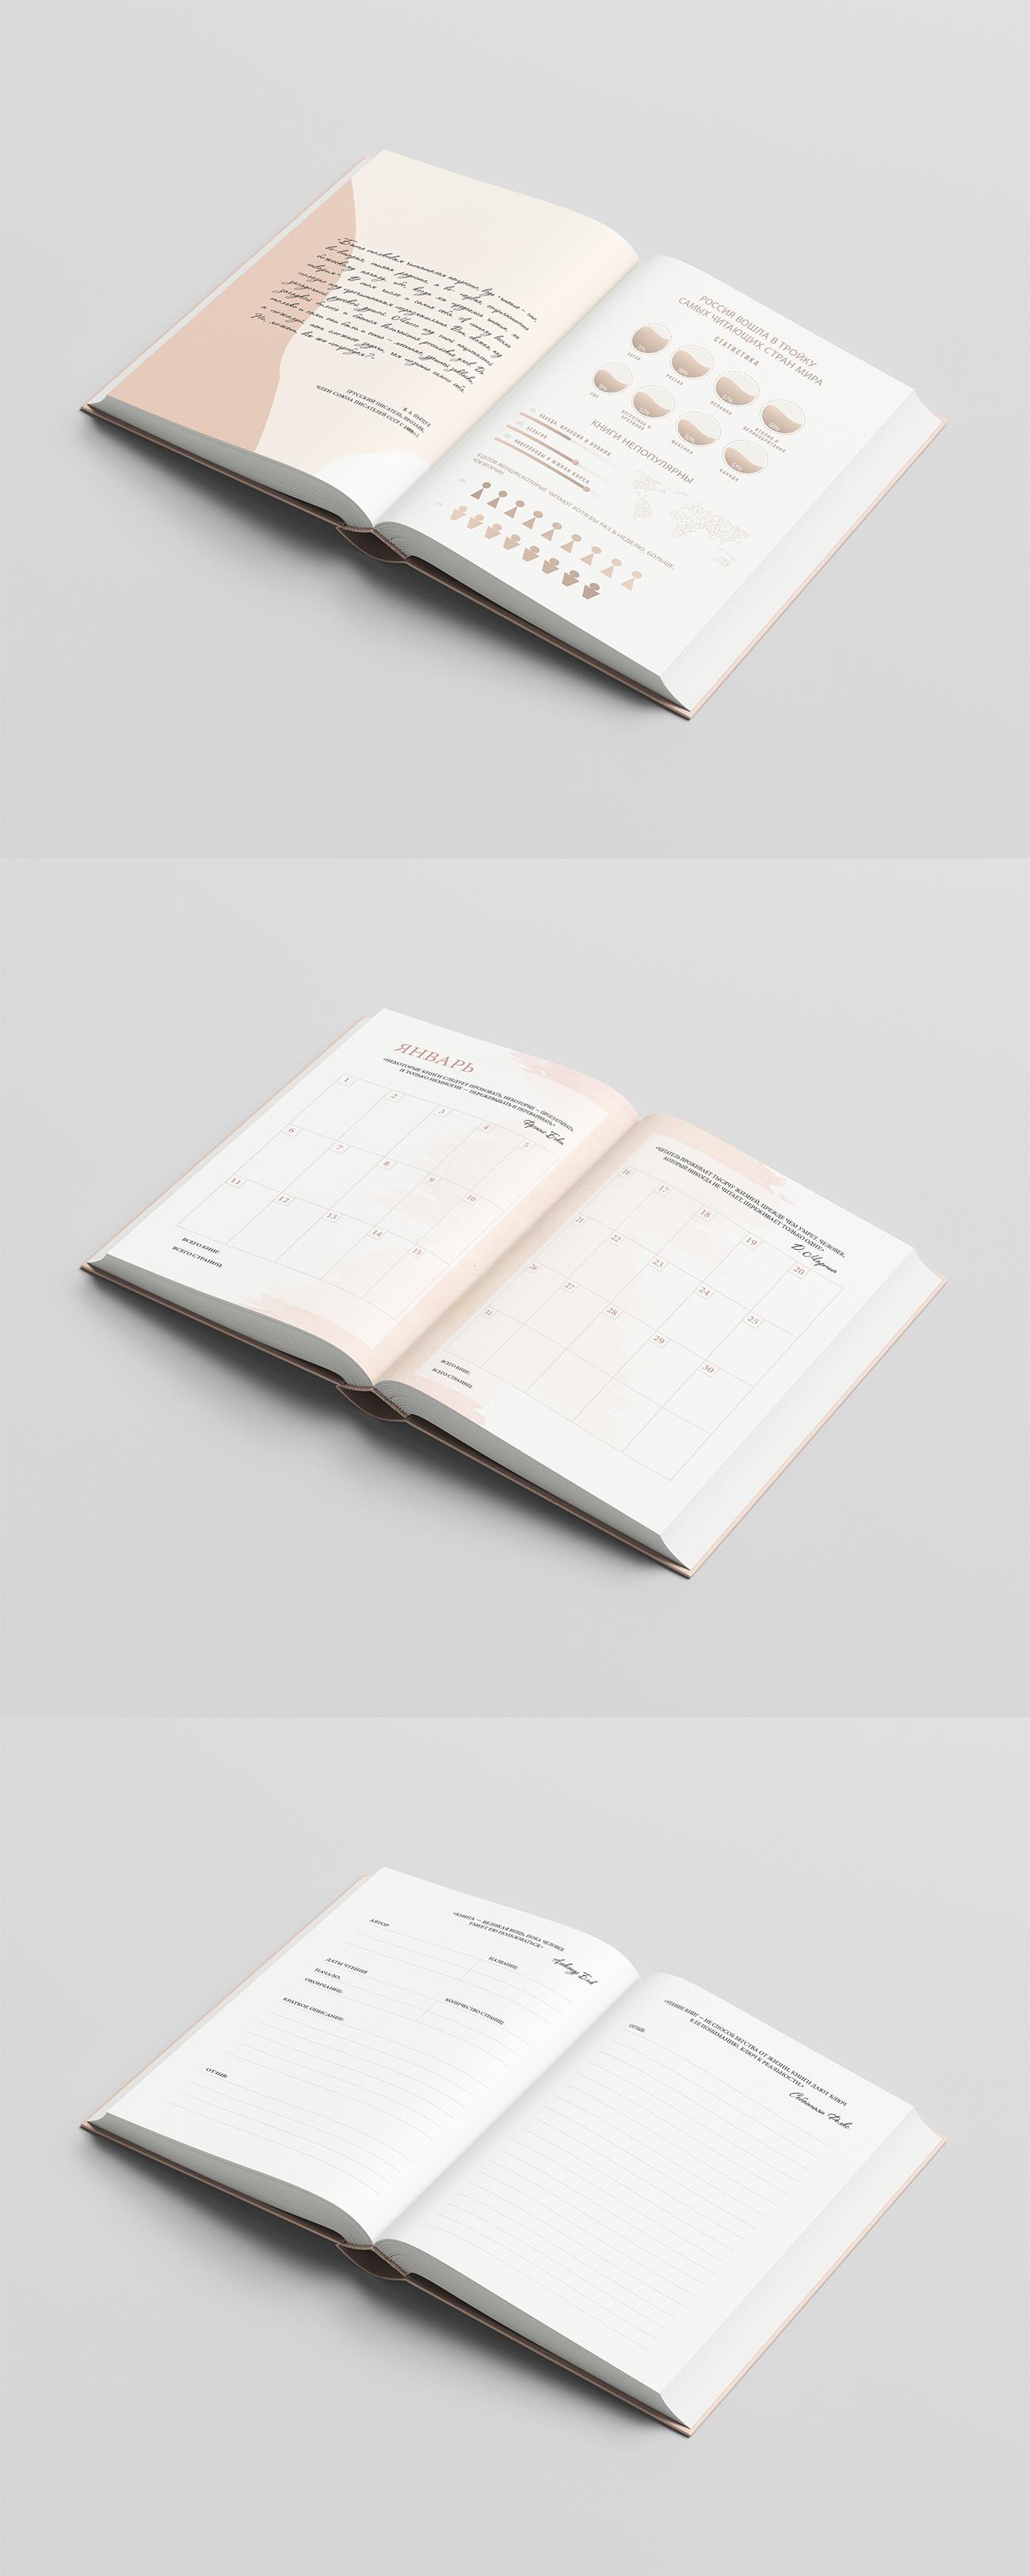 Читательский дневник books_obzor